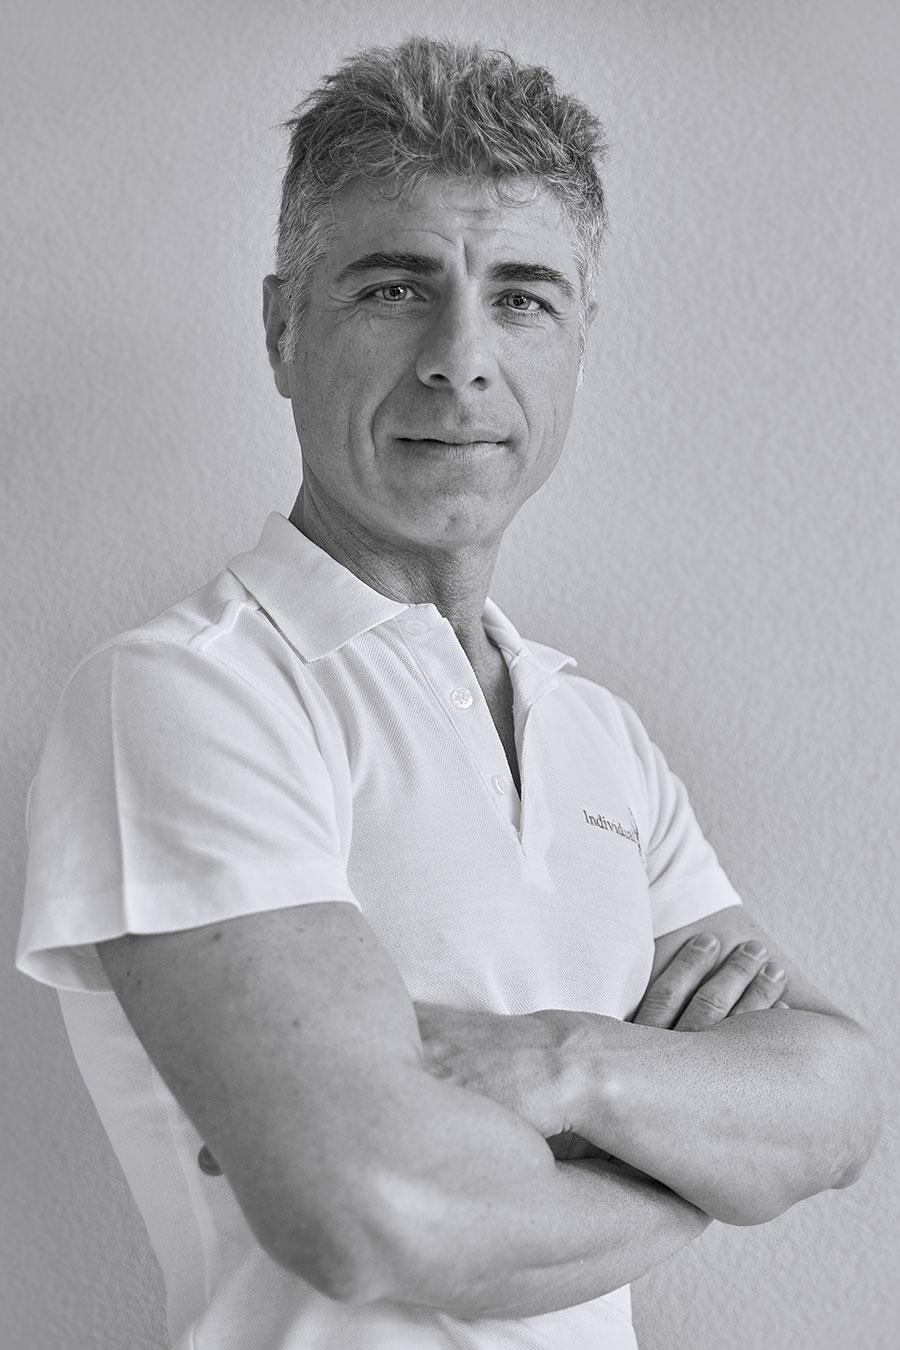 Max Valeri